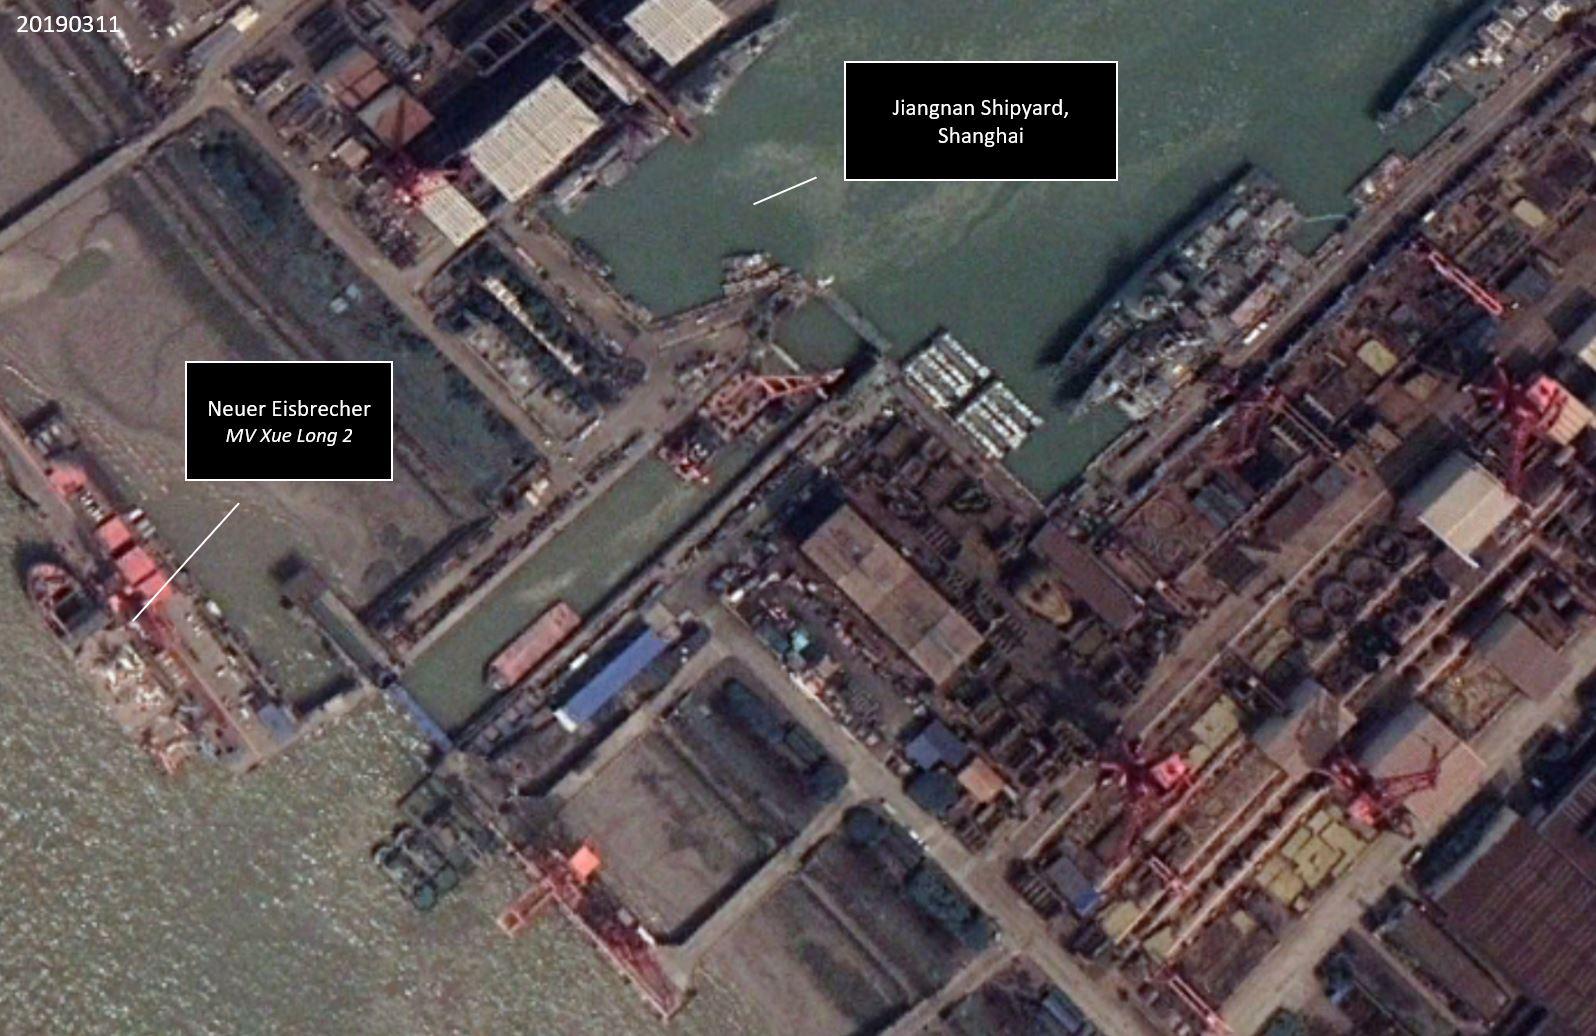 Shanghai Werft